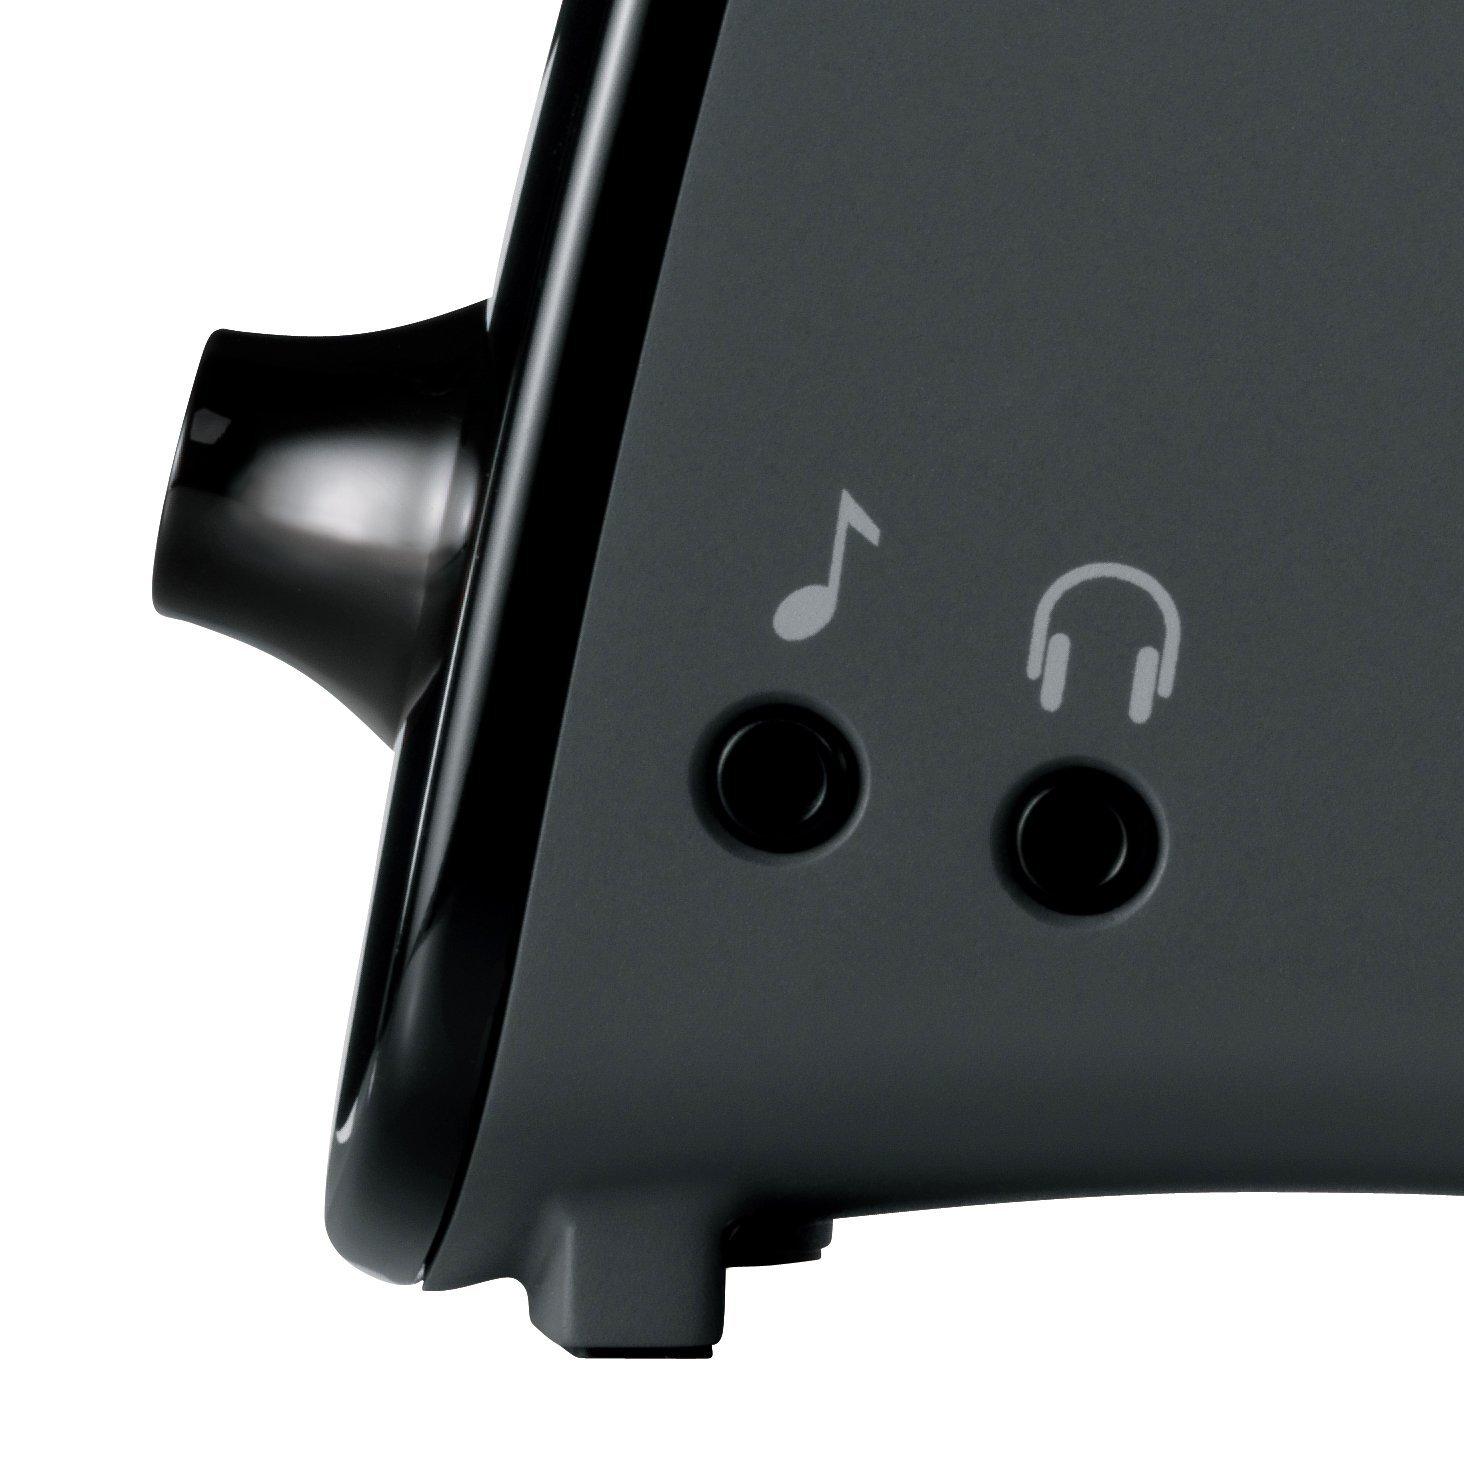 Logitech Z323 3 Piece 2.1 Channel Multimedia Computer Speaker System - Black 4